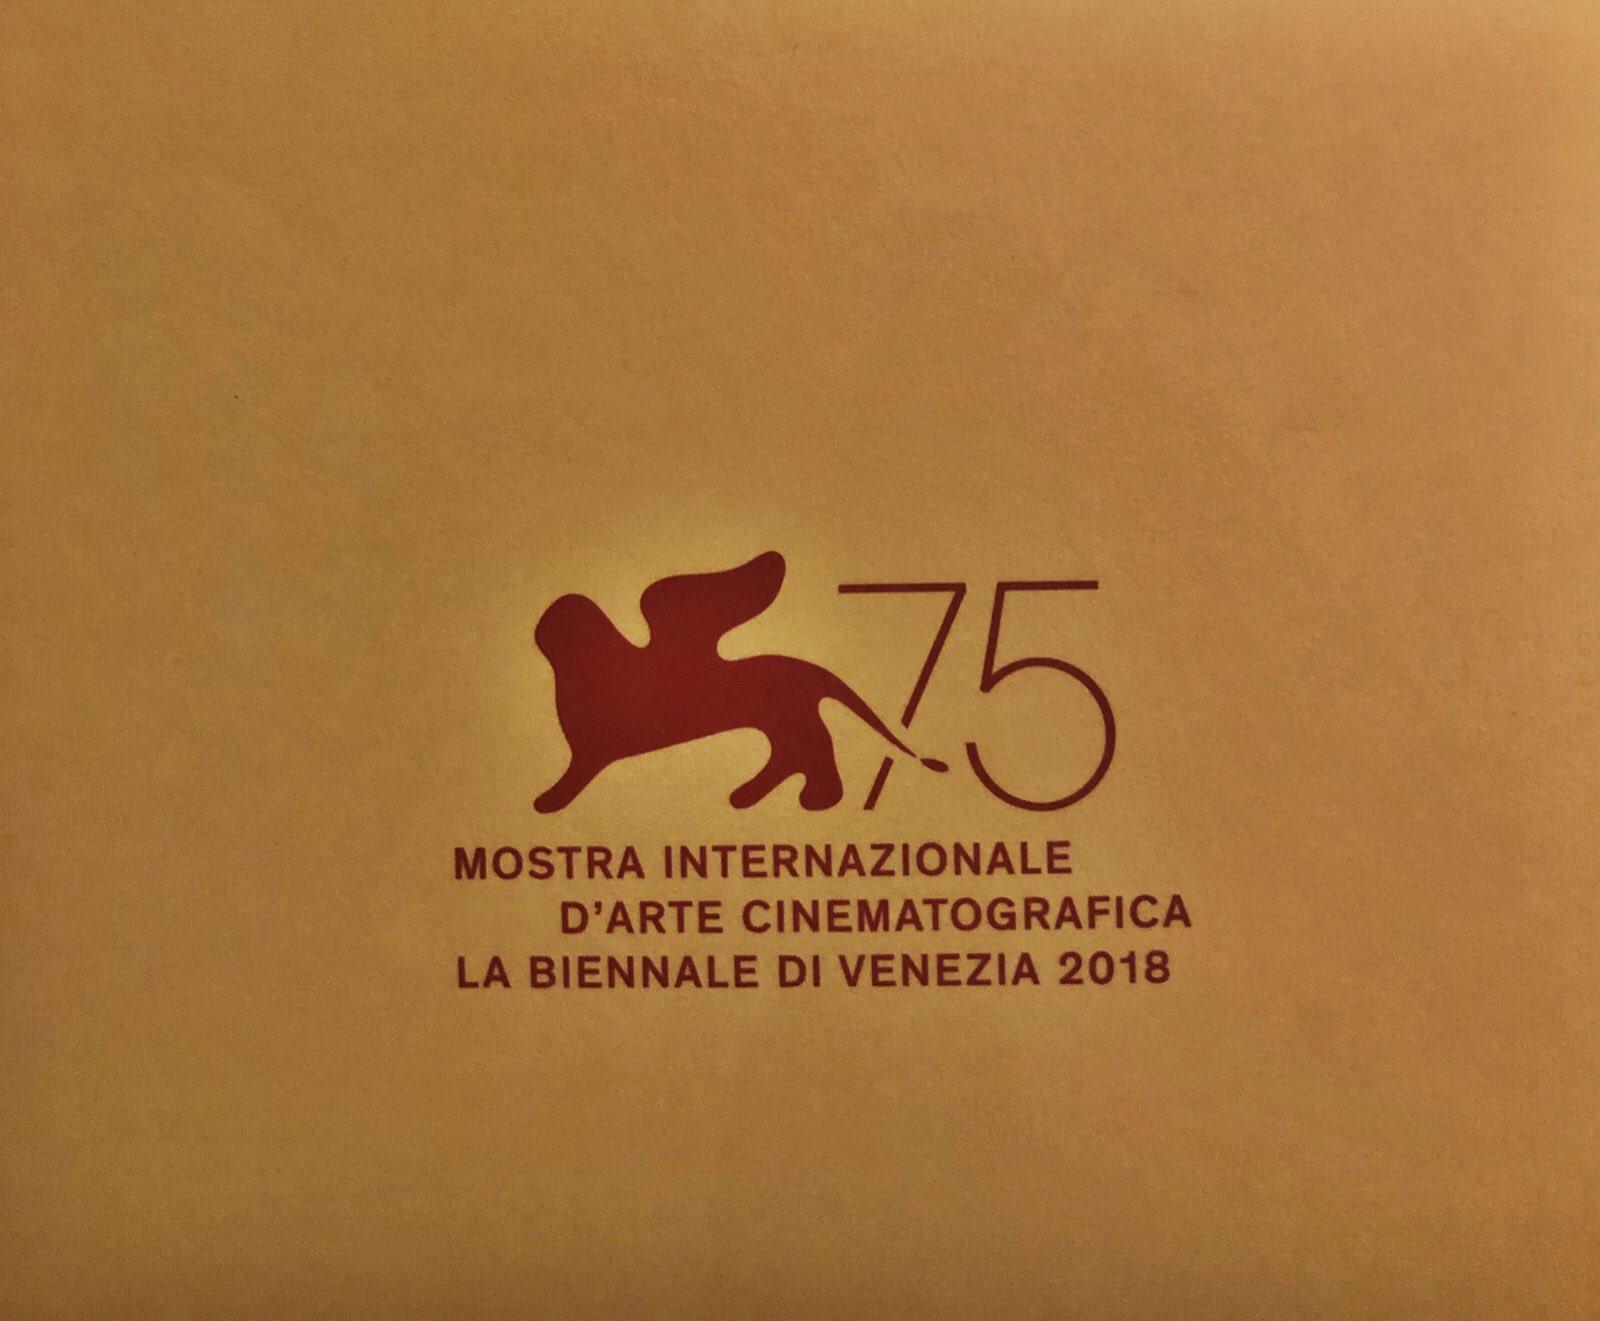 Venezia 75: i titoli da segnarsi e le prime impressioni sul programma ufficiale